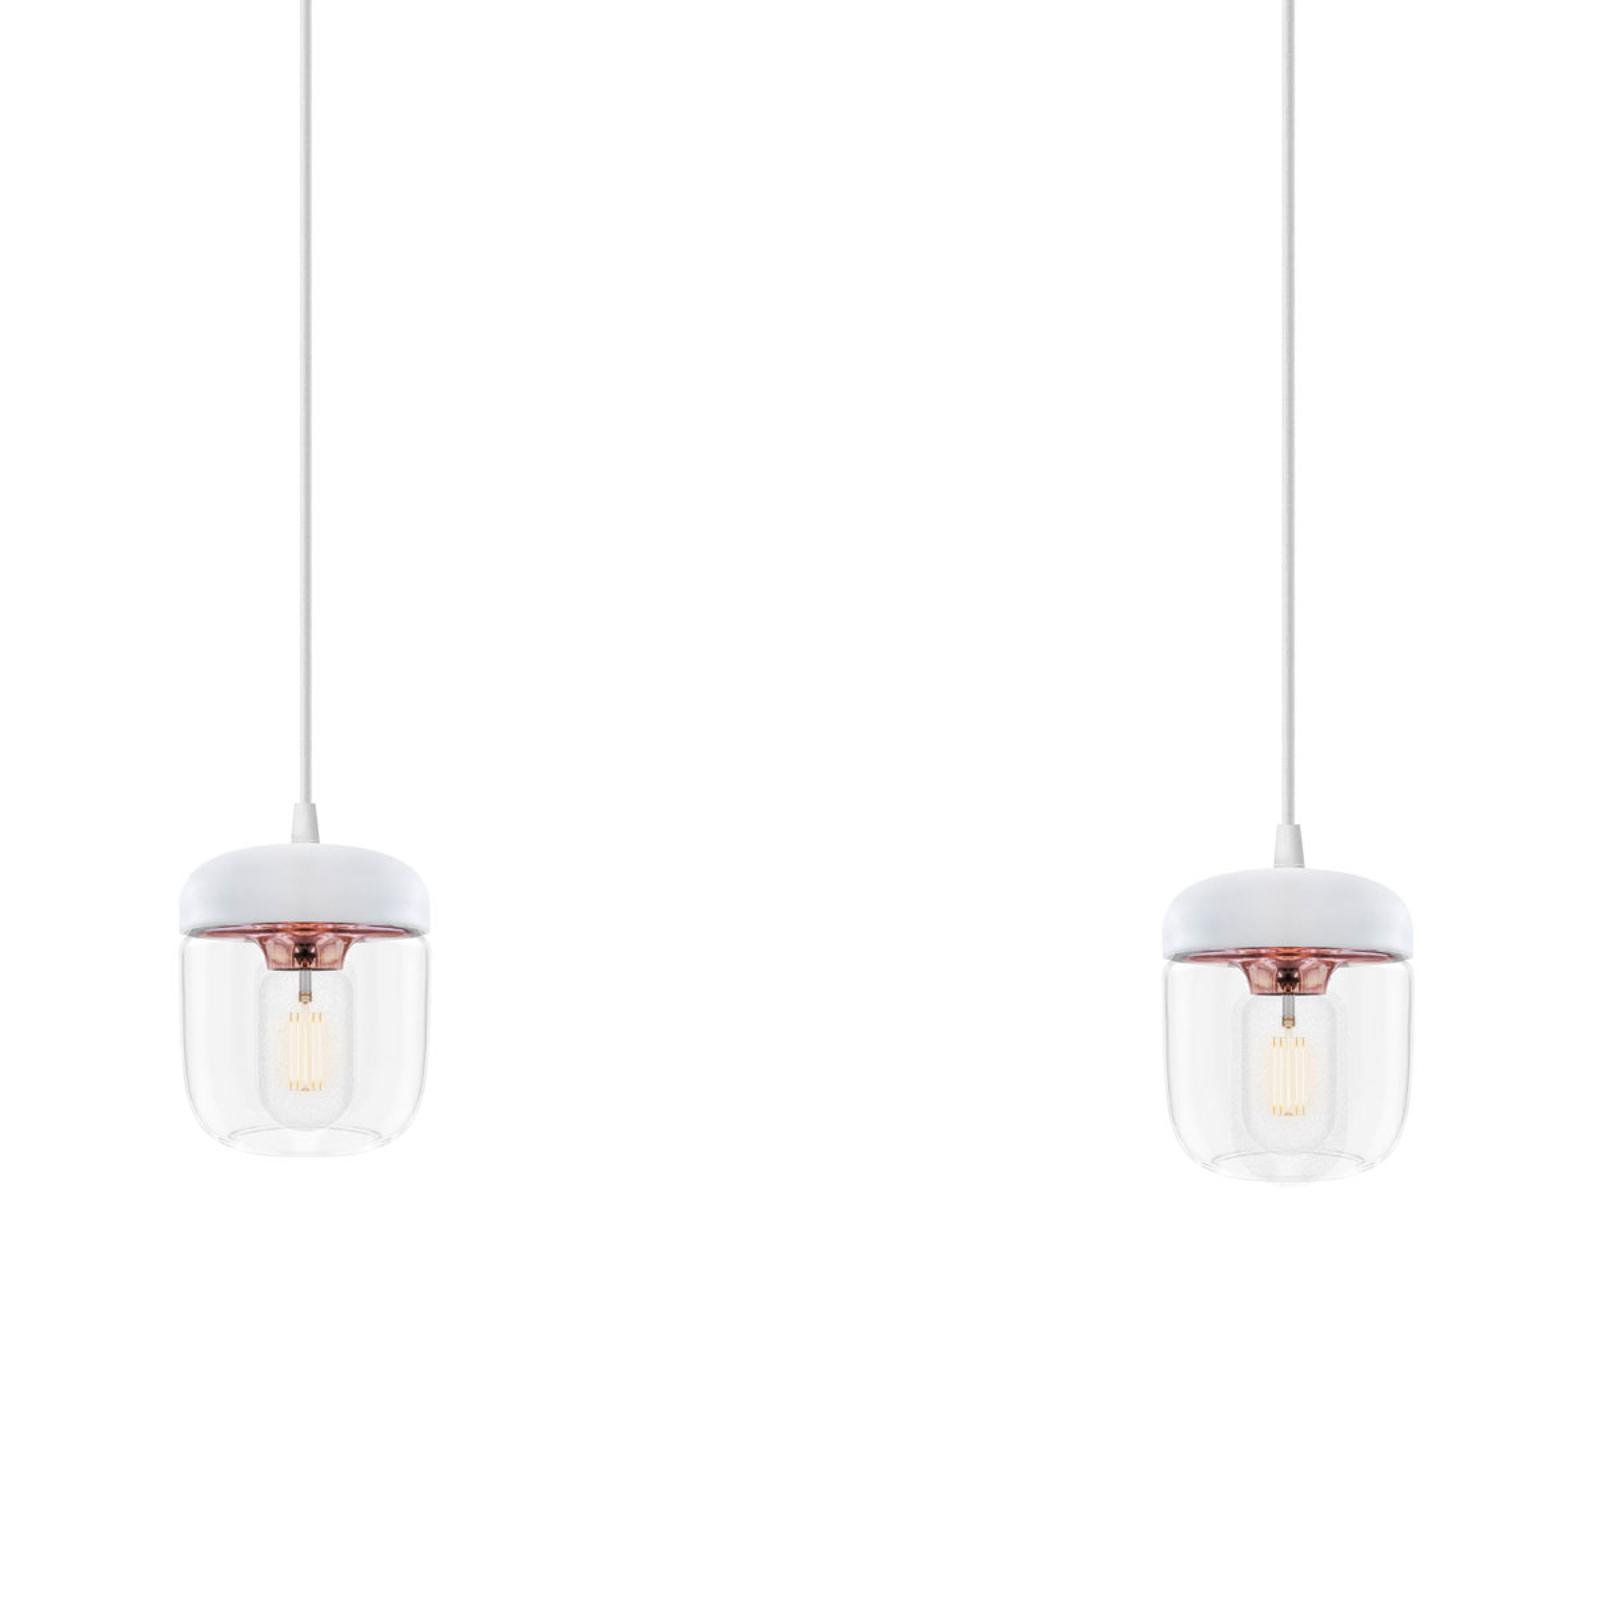 Suspension Acorn, à 2 lampes, blanc et cuivre